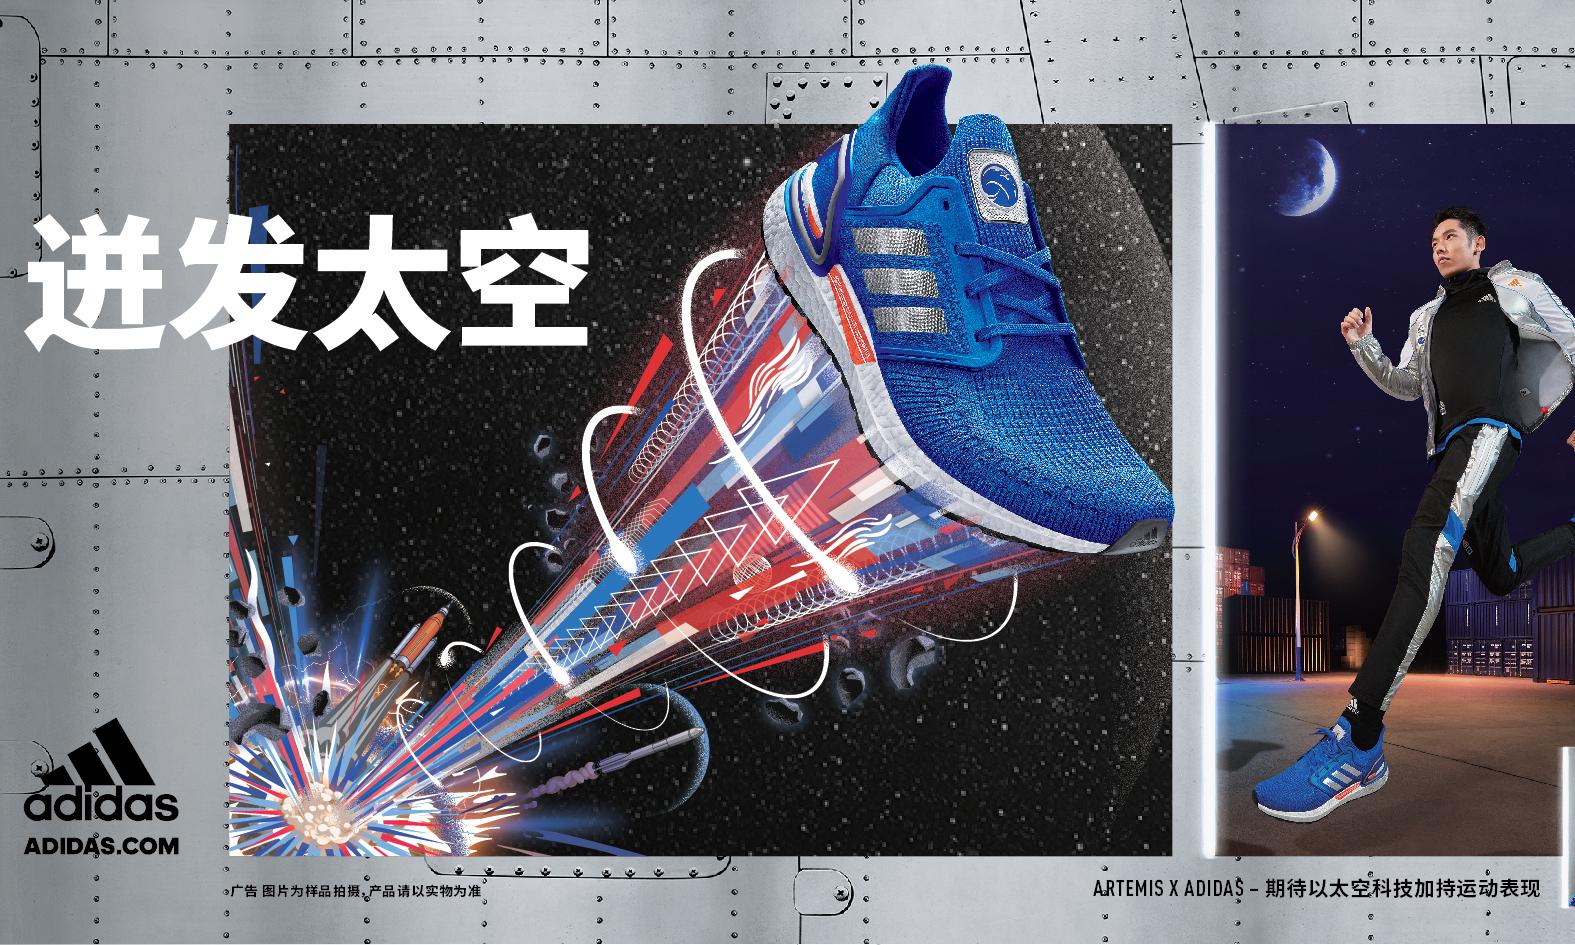 正式进入太空,adidas 成为首个 NASA 合作运动品牌